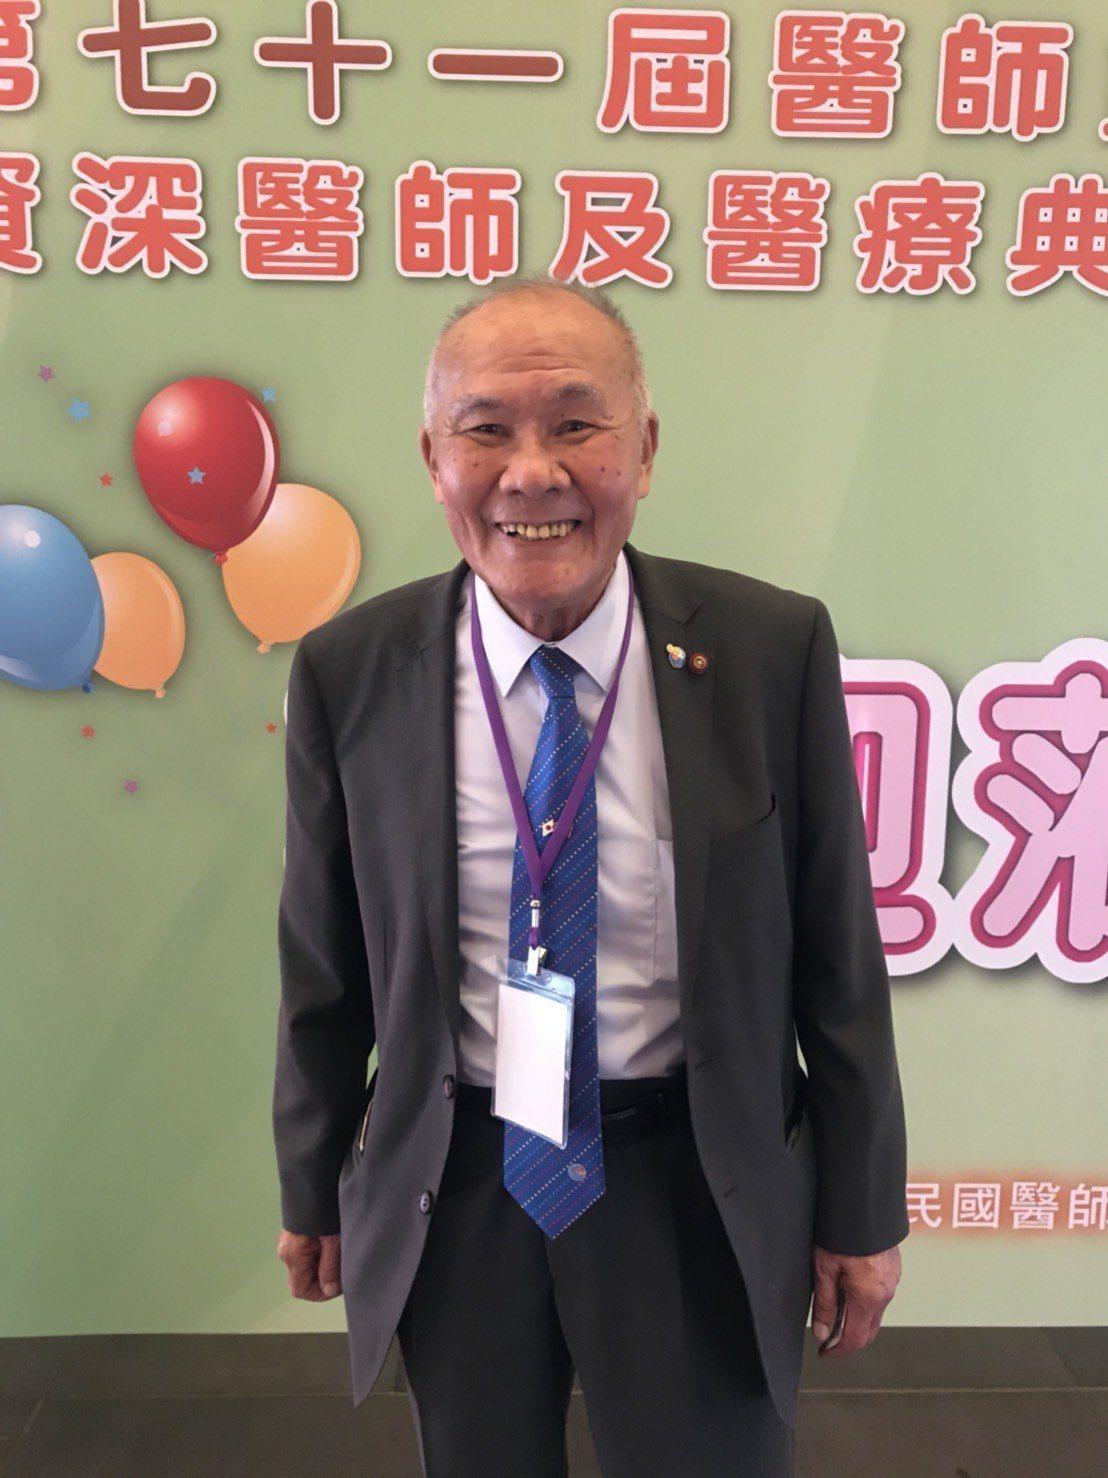 第71屆醫師節慶祝大會今天在圓山飯店舉行,其中獲獎的百歲人瑞陳奎村(日文名:田中...